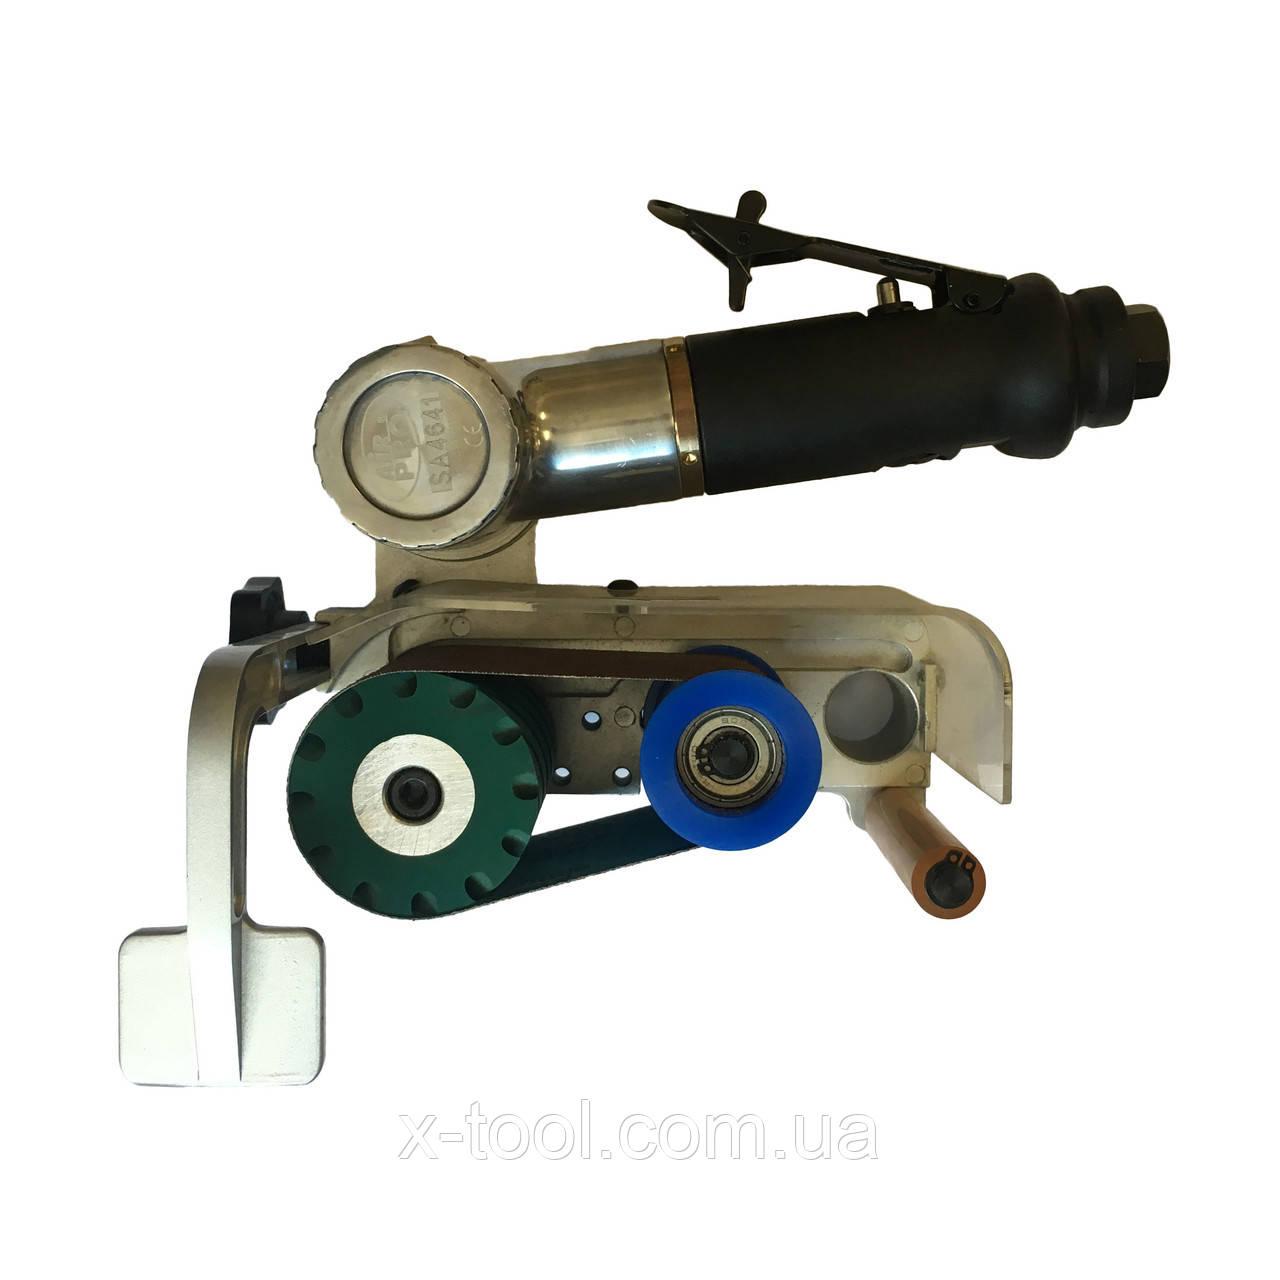 Шлифмашина ленточная роликовая пневматическая Air Pro SA4641 (Тайвань)